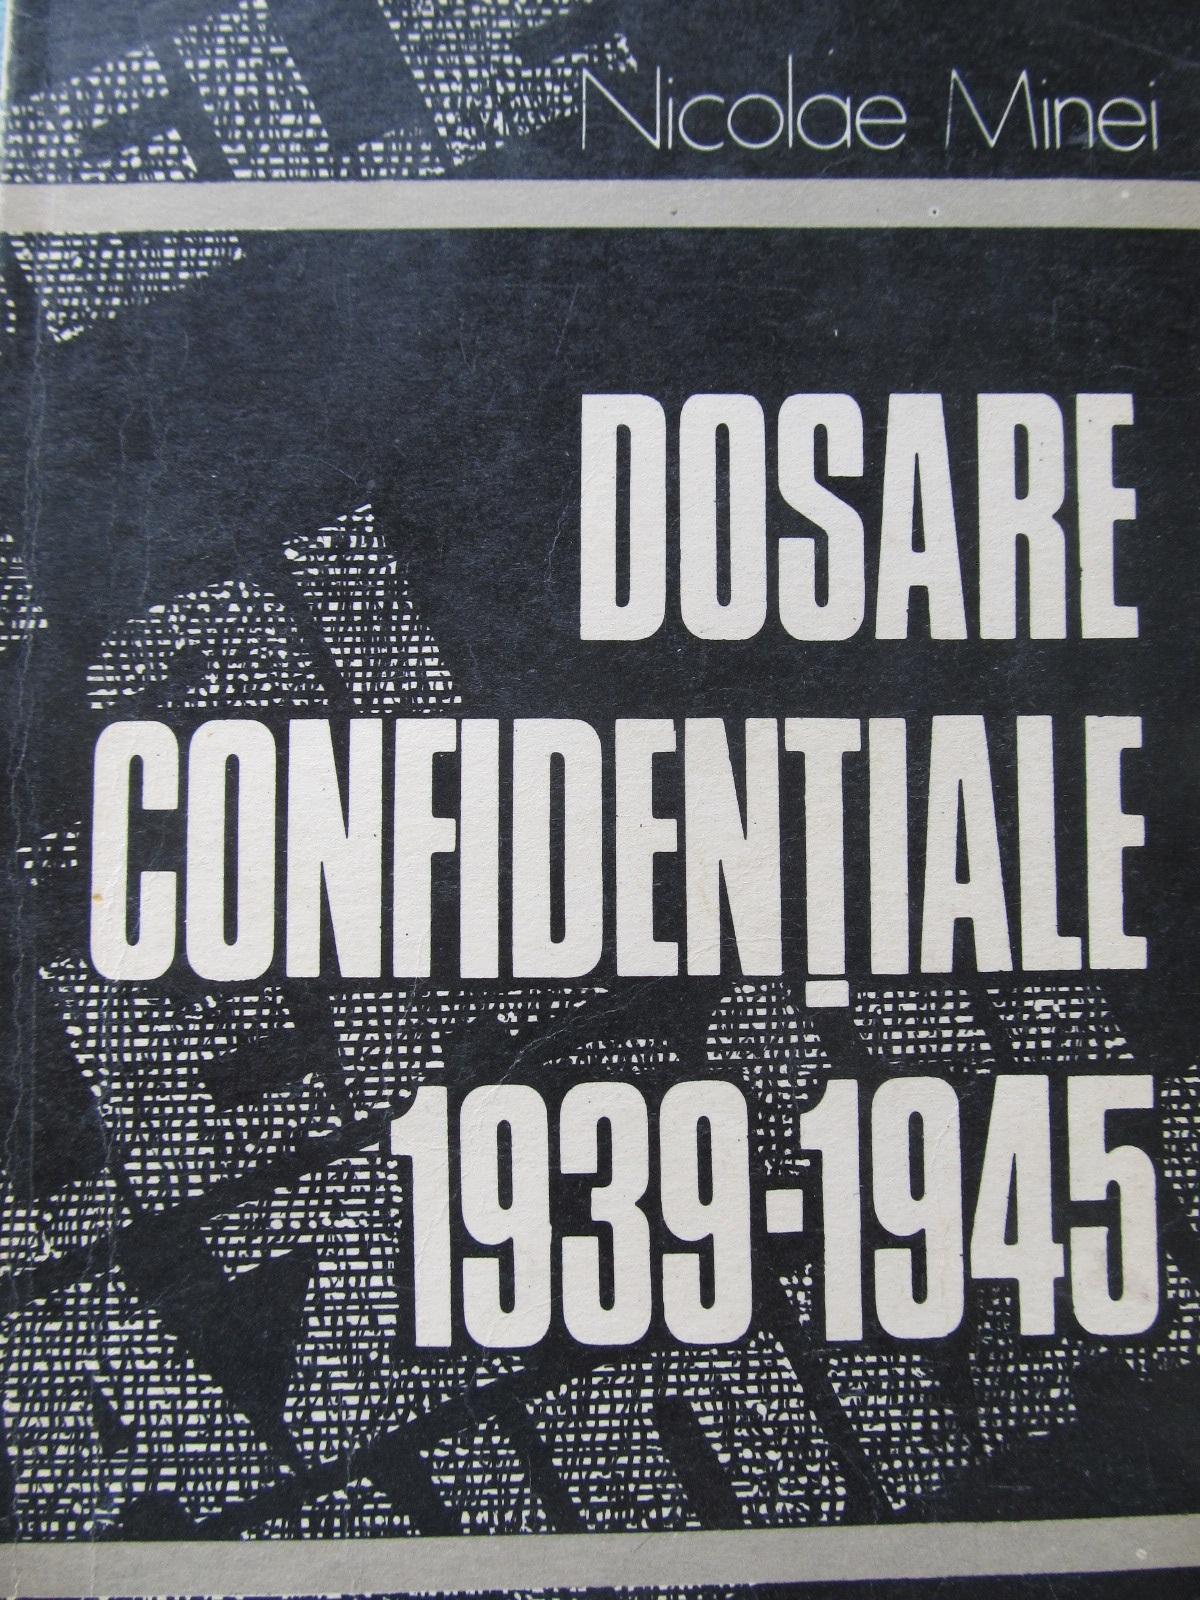 Dosare confidentiale 1939-1945 - Nicolae Minei   Detalii carte